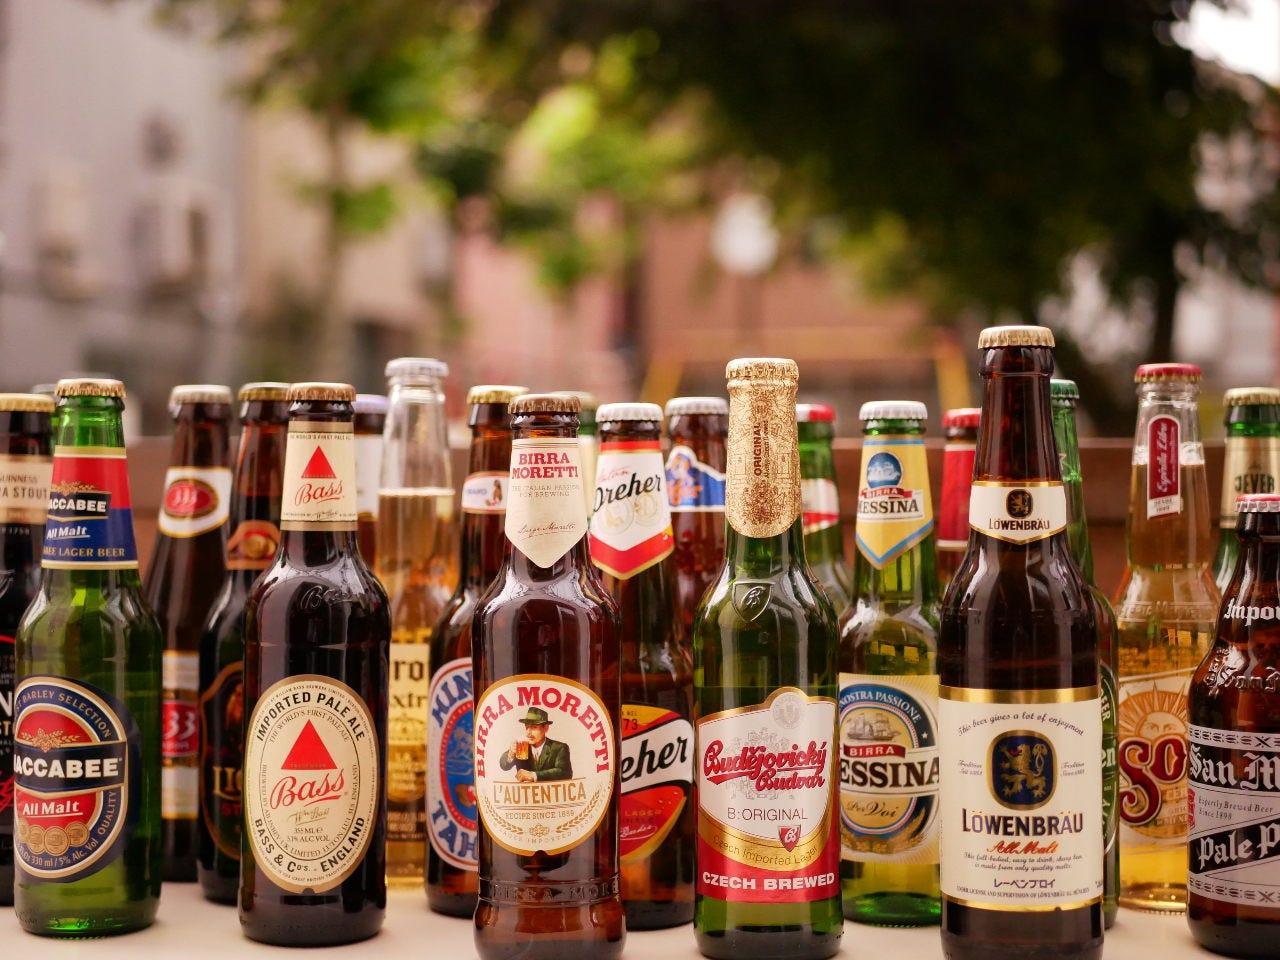 【谷根千の開放テラスで飲み放題!】90分間2,200円 世界のビール30種類とワイン、カクテル